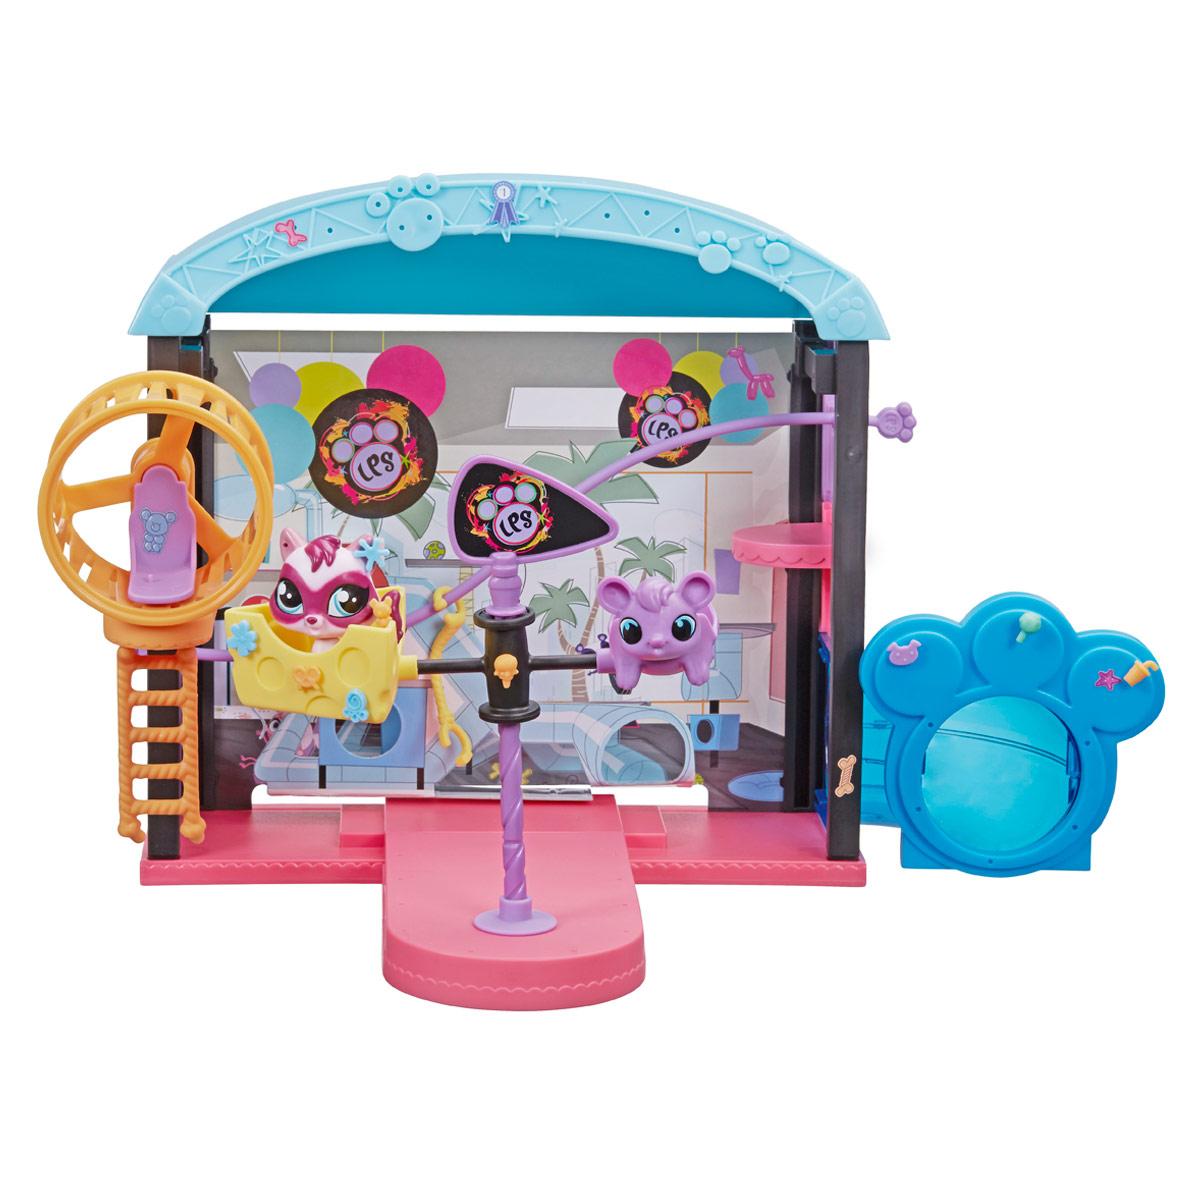 Littlest Pet Shop Игровой набор Веселый парк развлечений play doh игровой набор магазинчик домашних питомцев